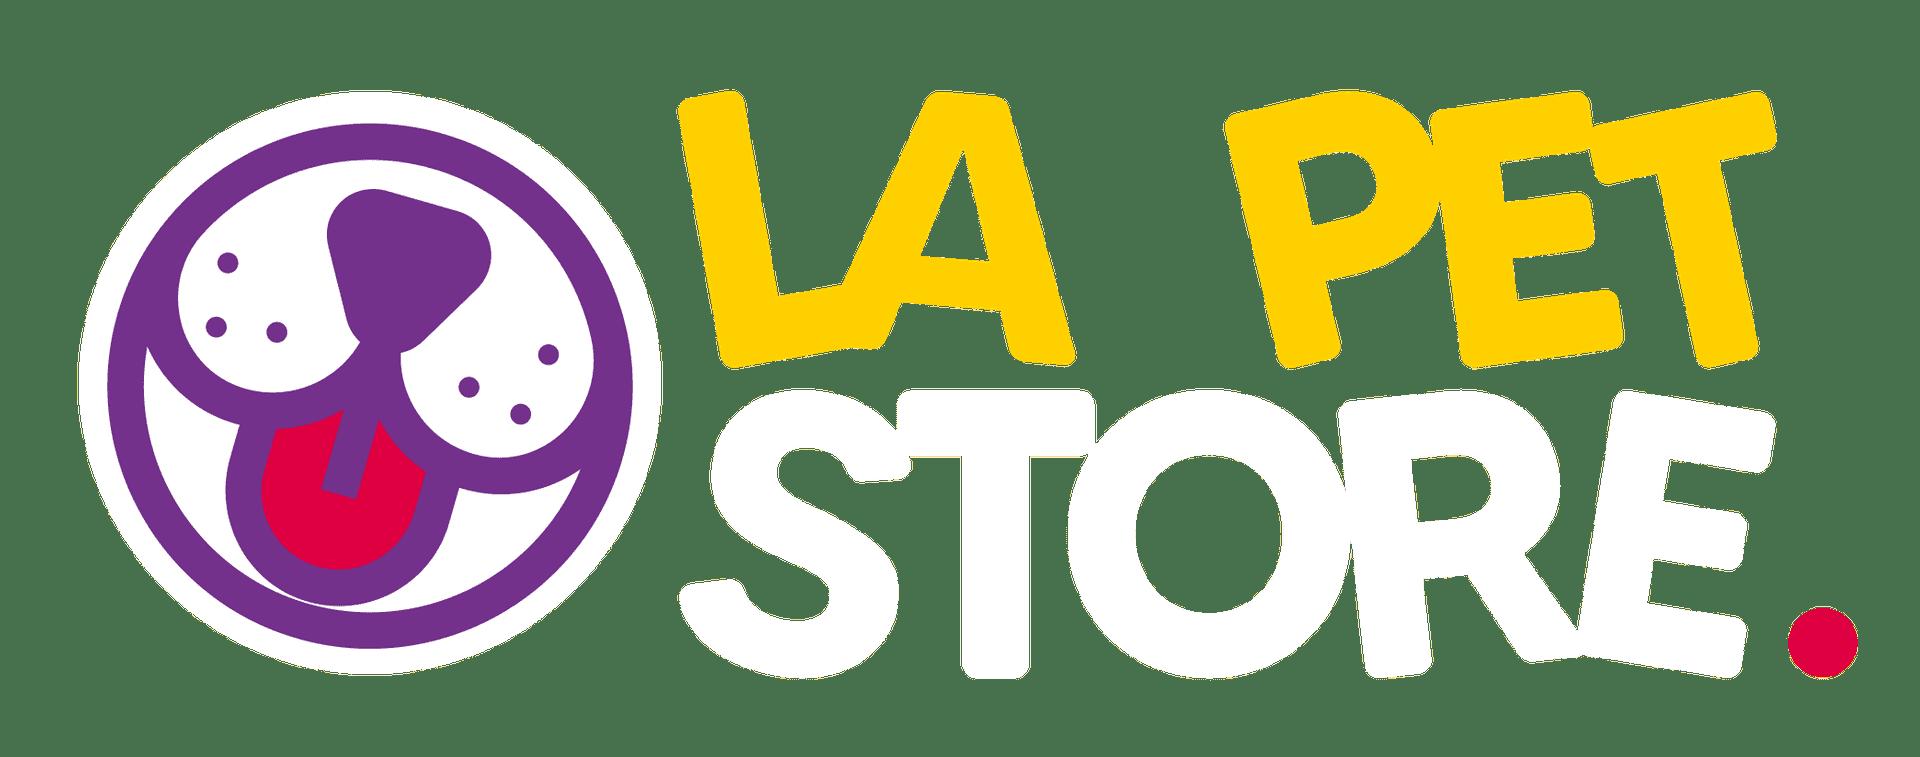 LA PET STORE logo